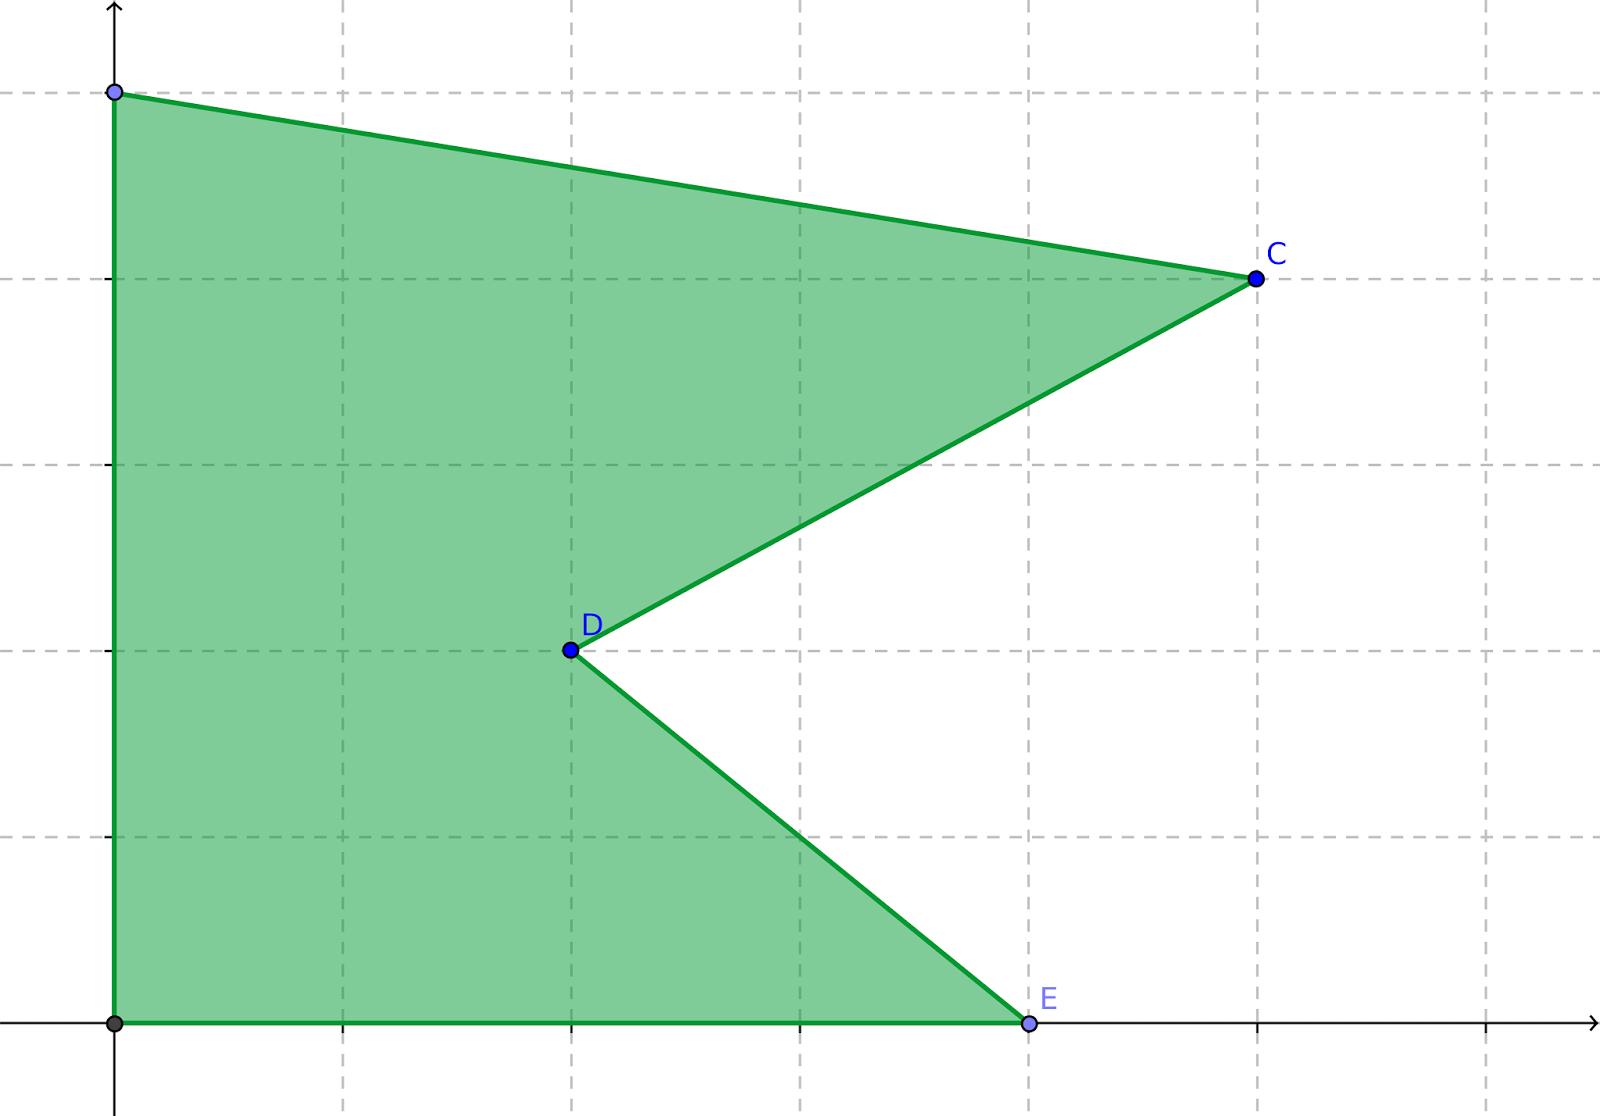 Figure 3: Nonconvex polytope